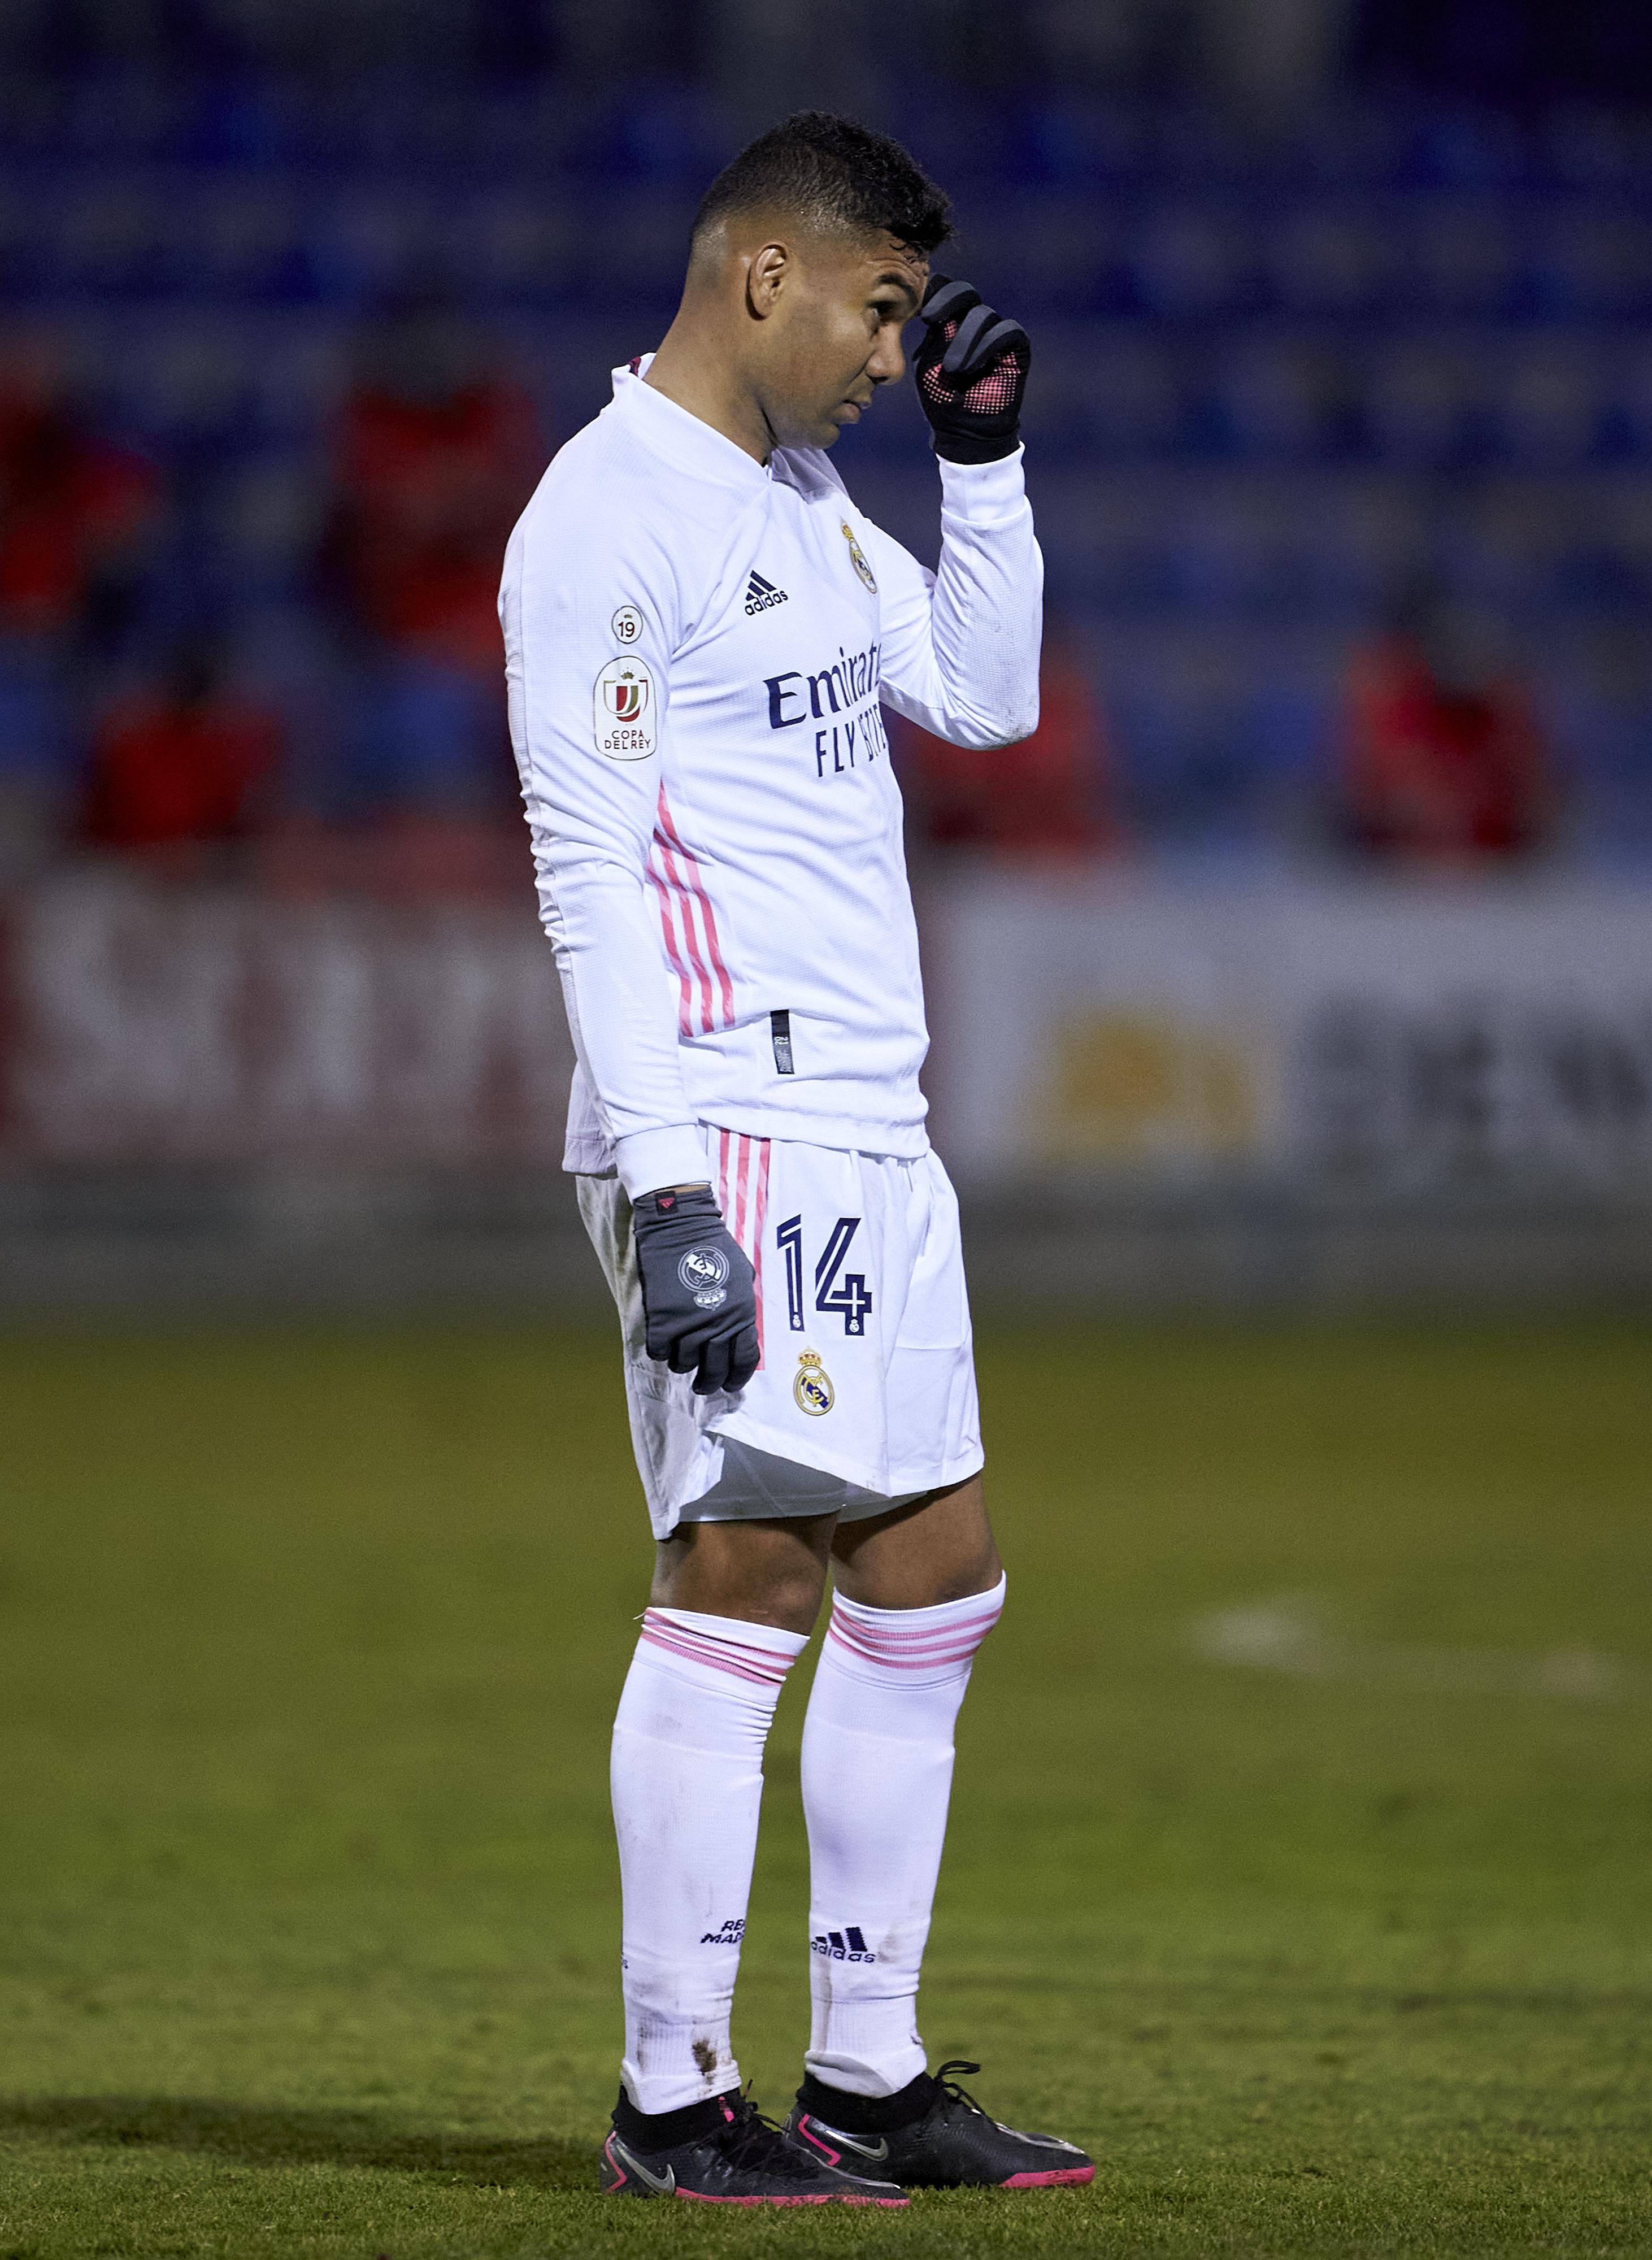 CD Alcoyano v Real Madrid - Copa del Rey